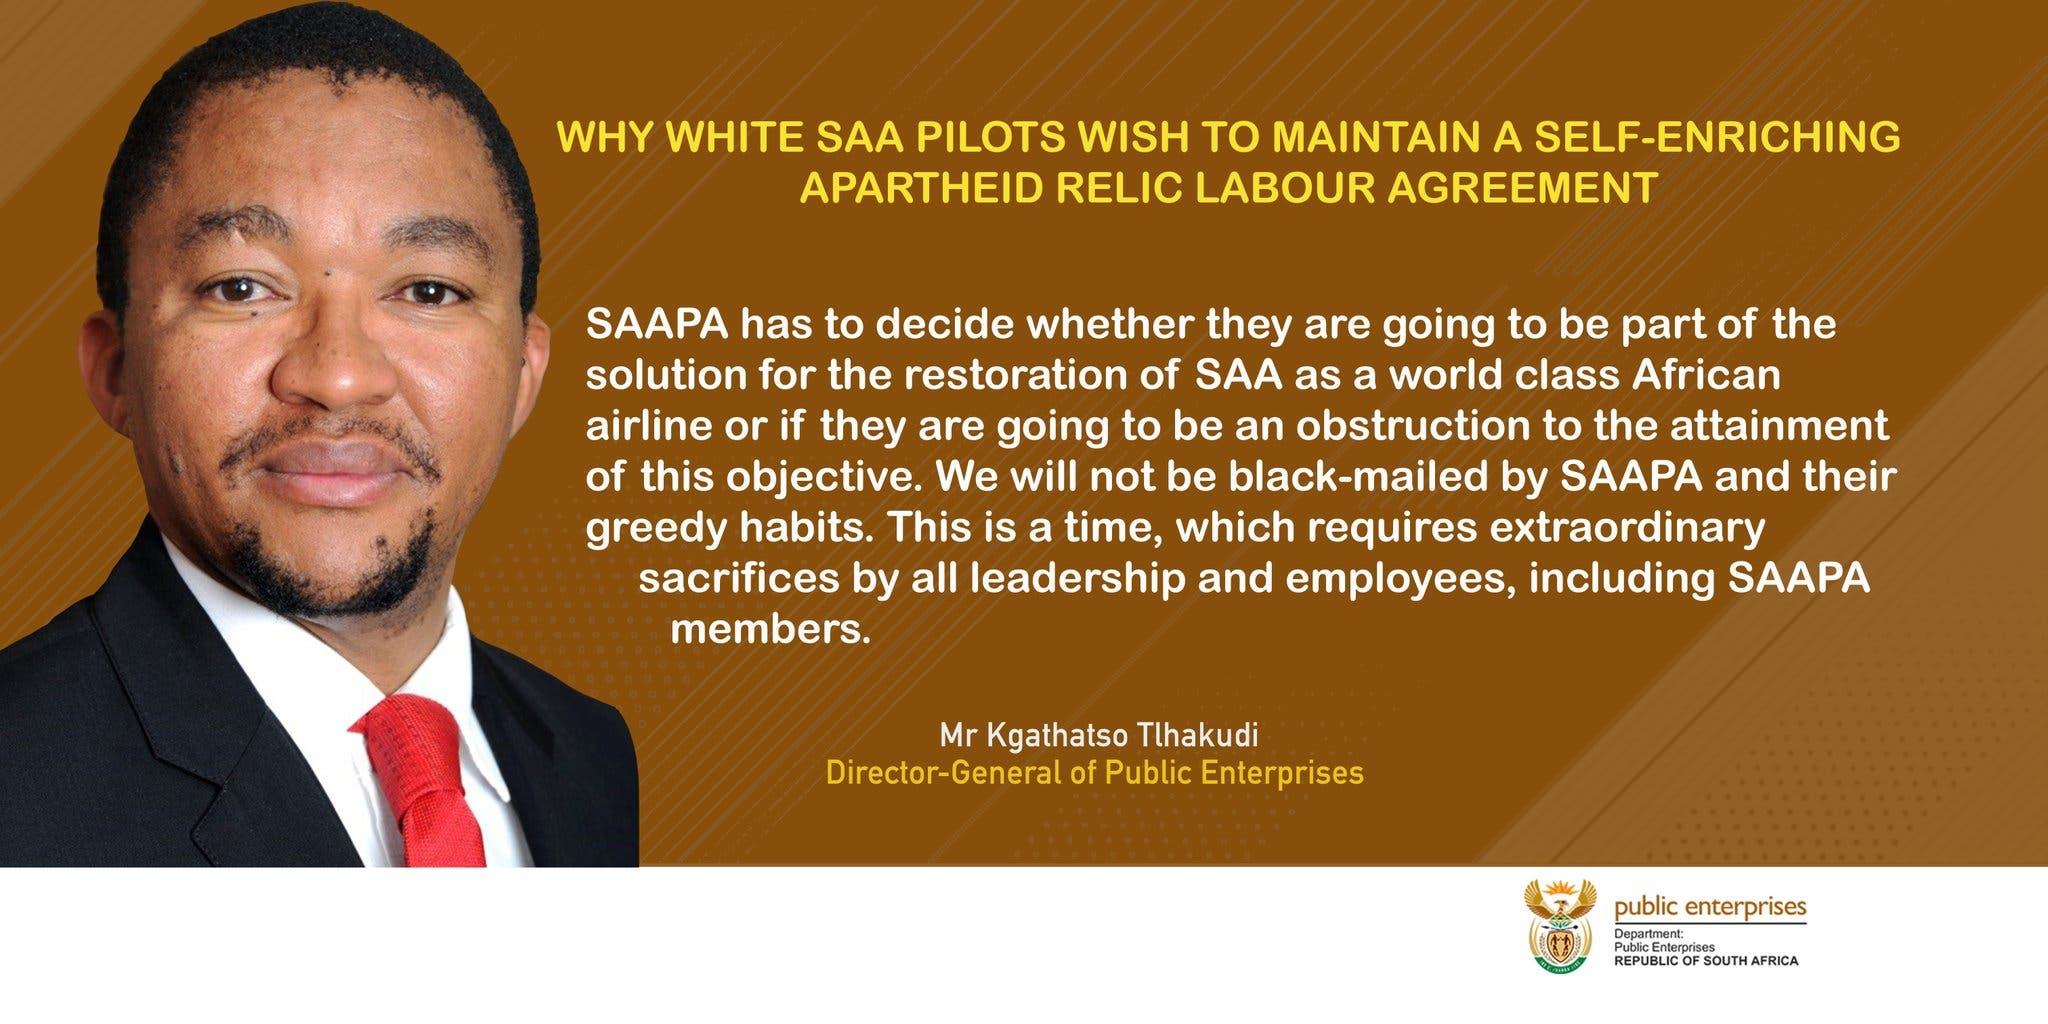 White SAA pilots tweet by Dept of Enterprises